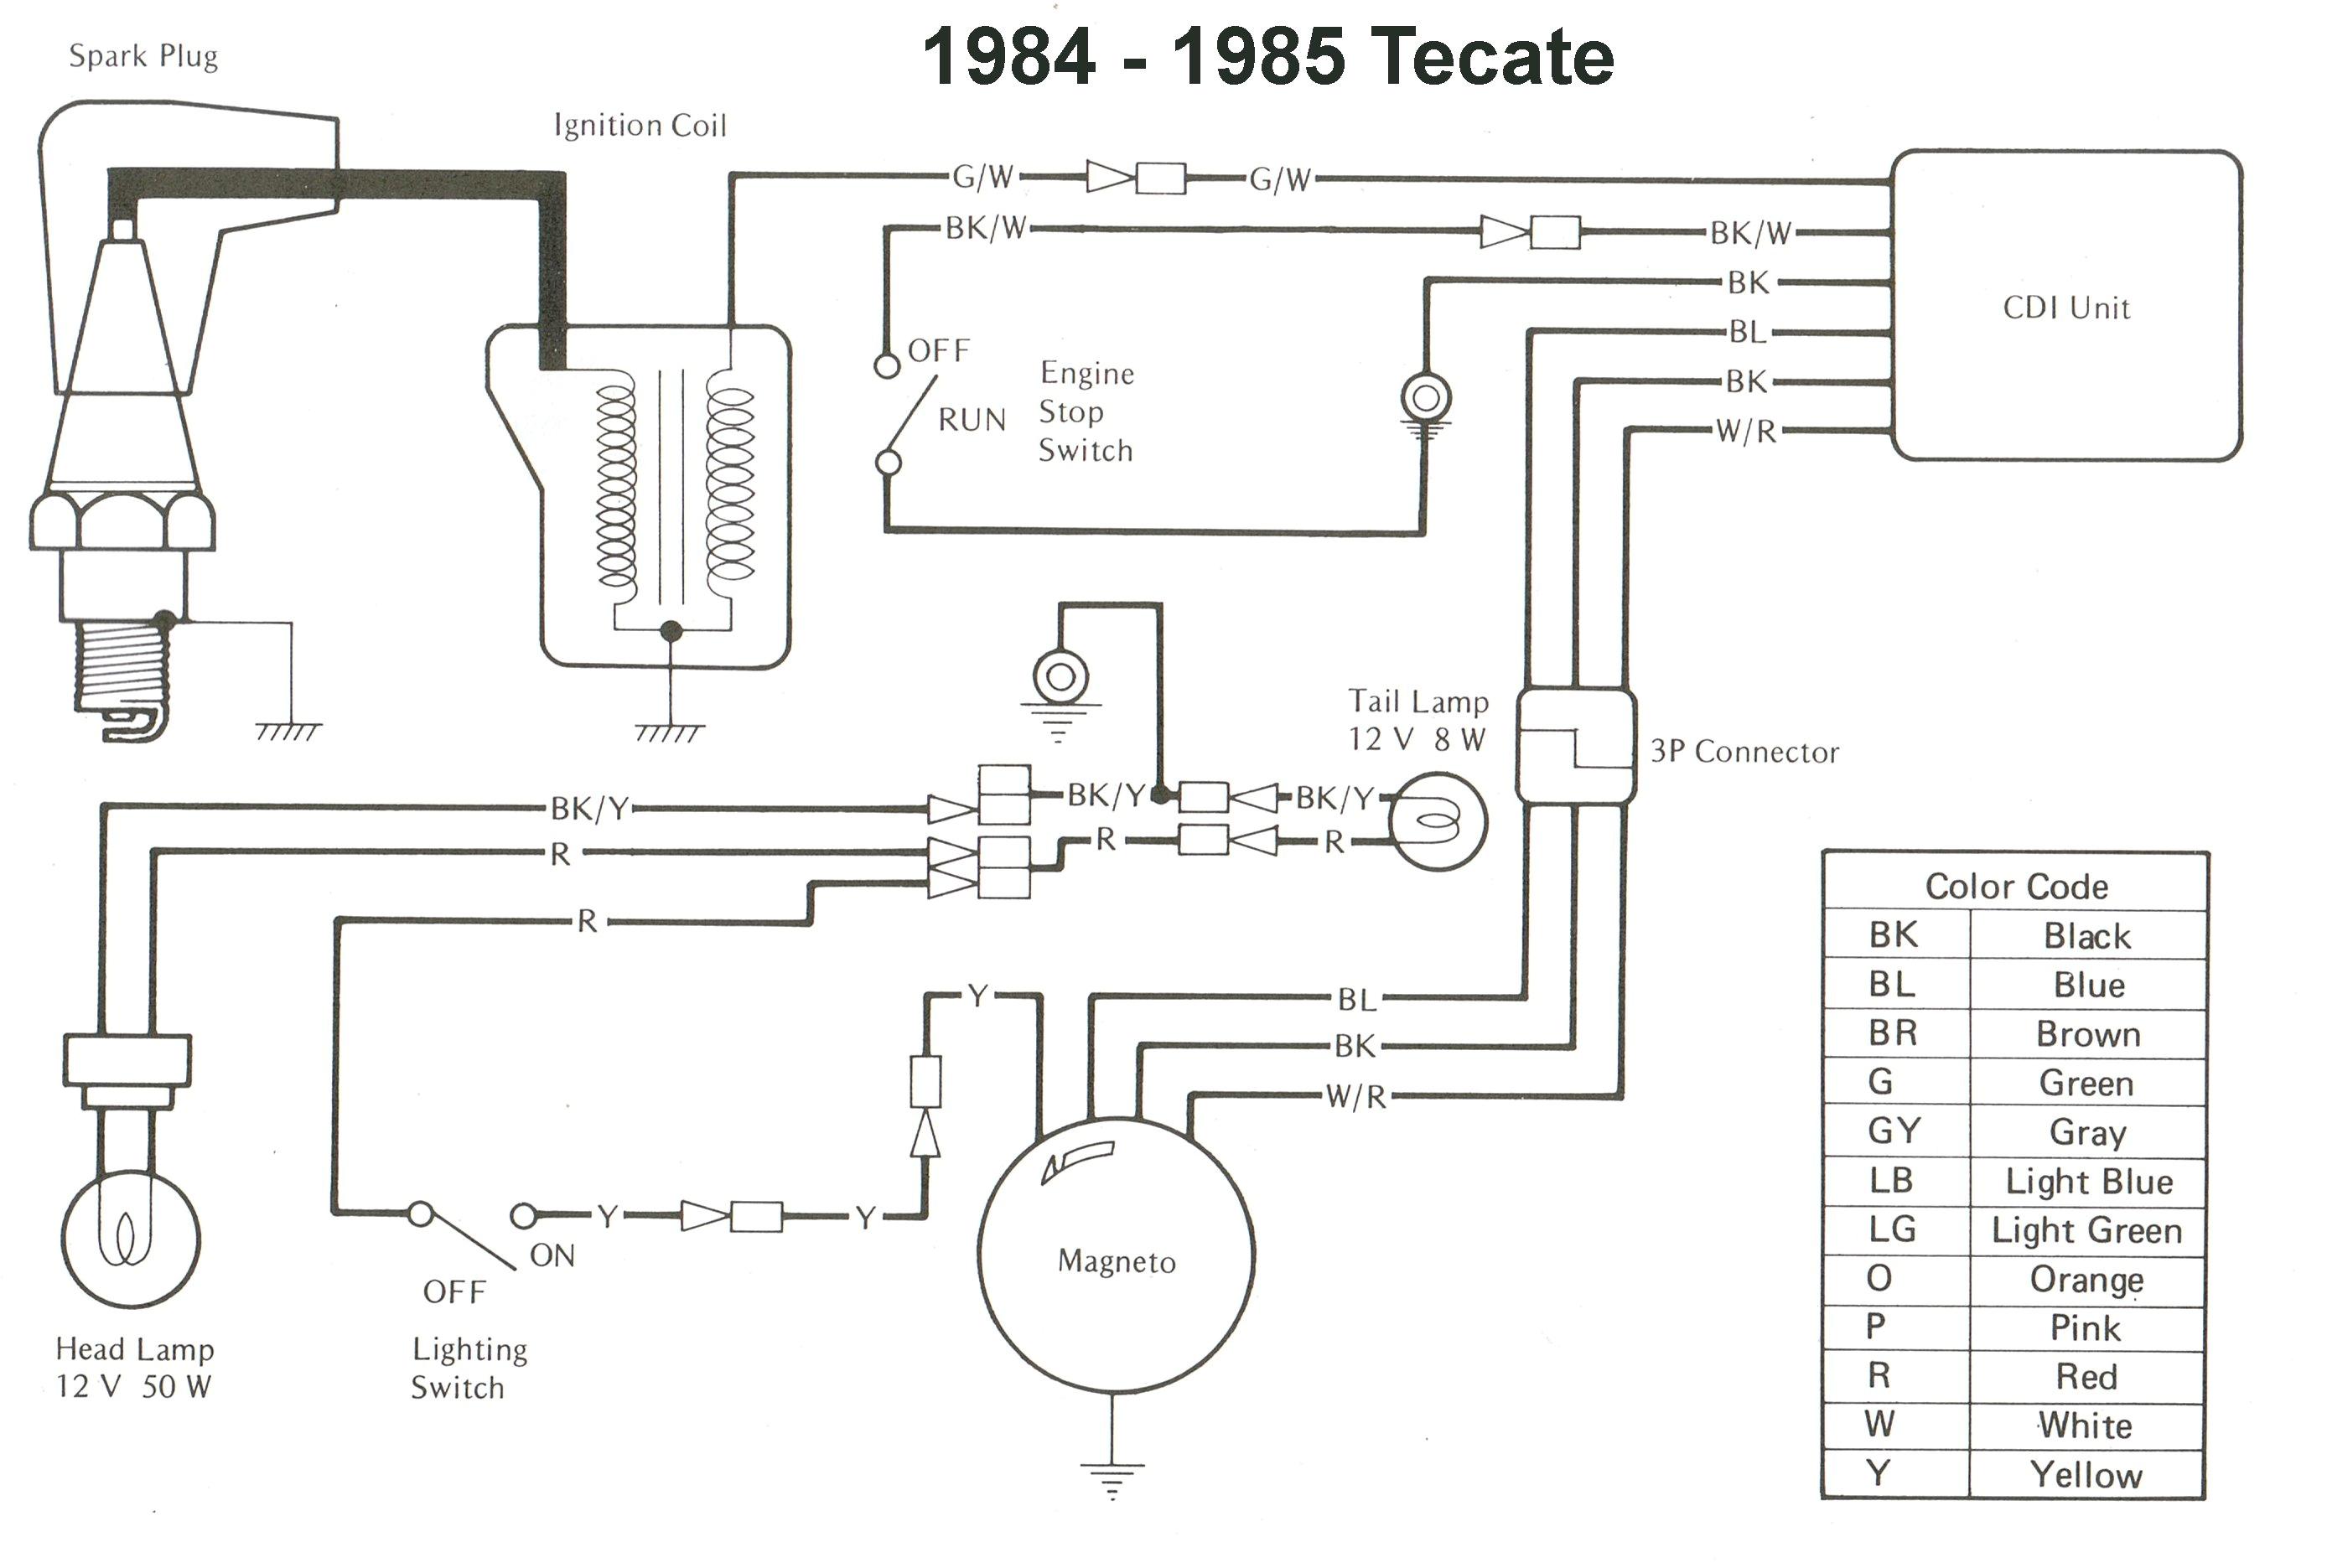 kx 500 wiring diagram wiring diagram sheet kawasaki 250 mojave wiring diagram wiring diagram sheet kx